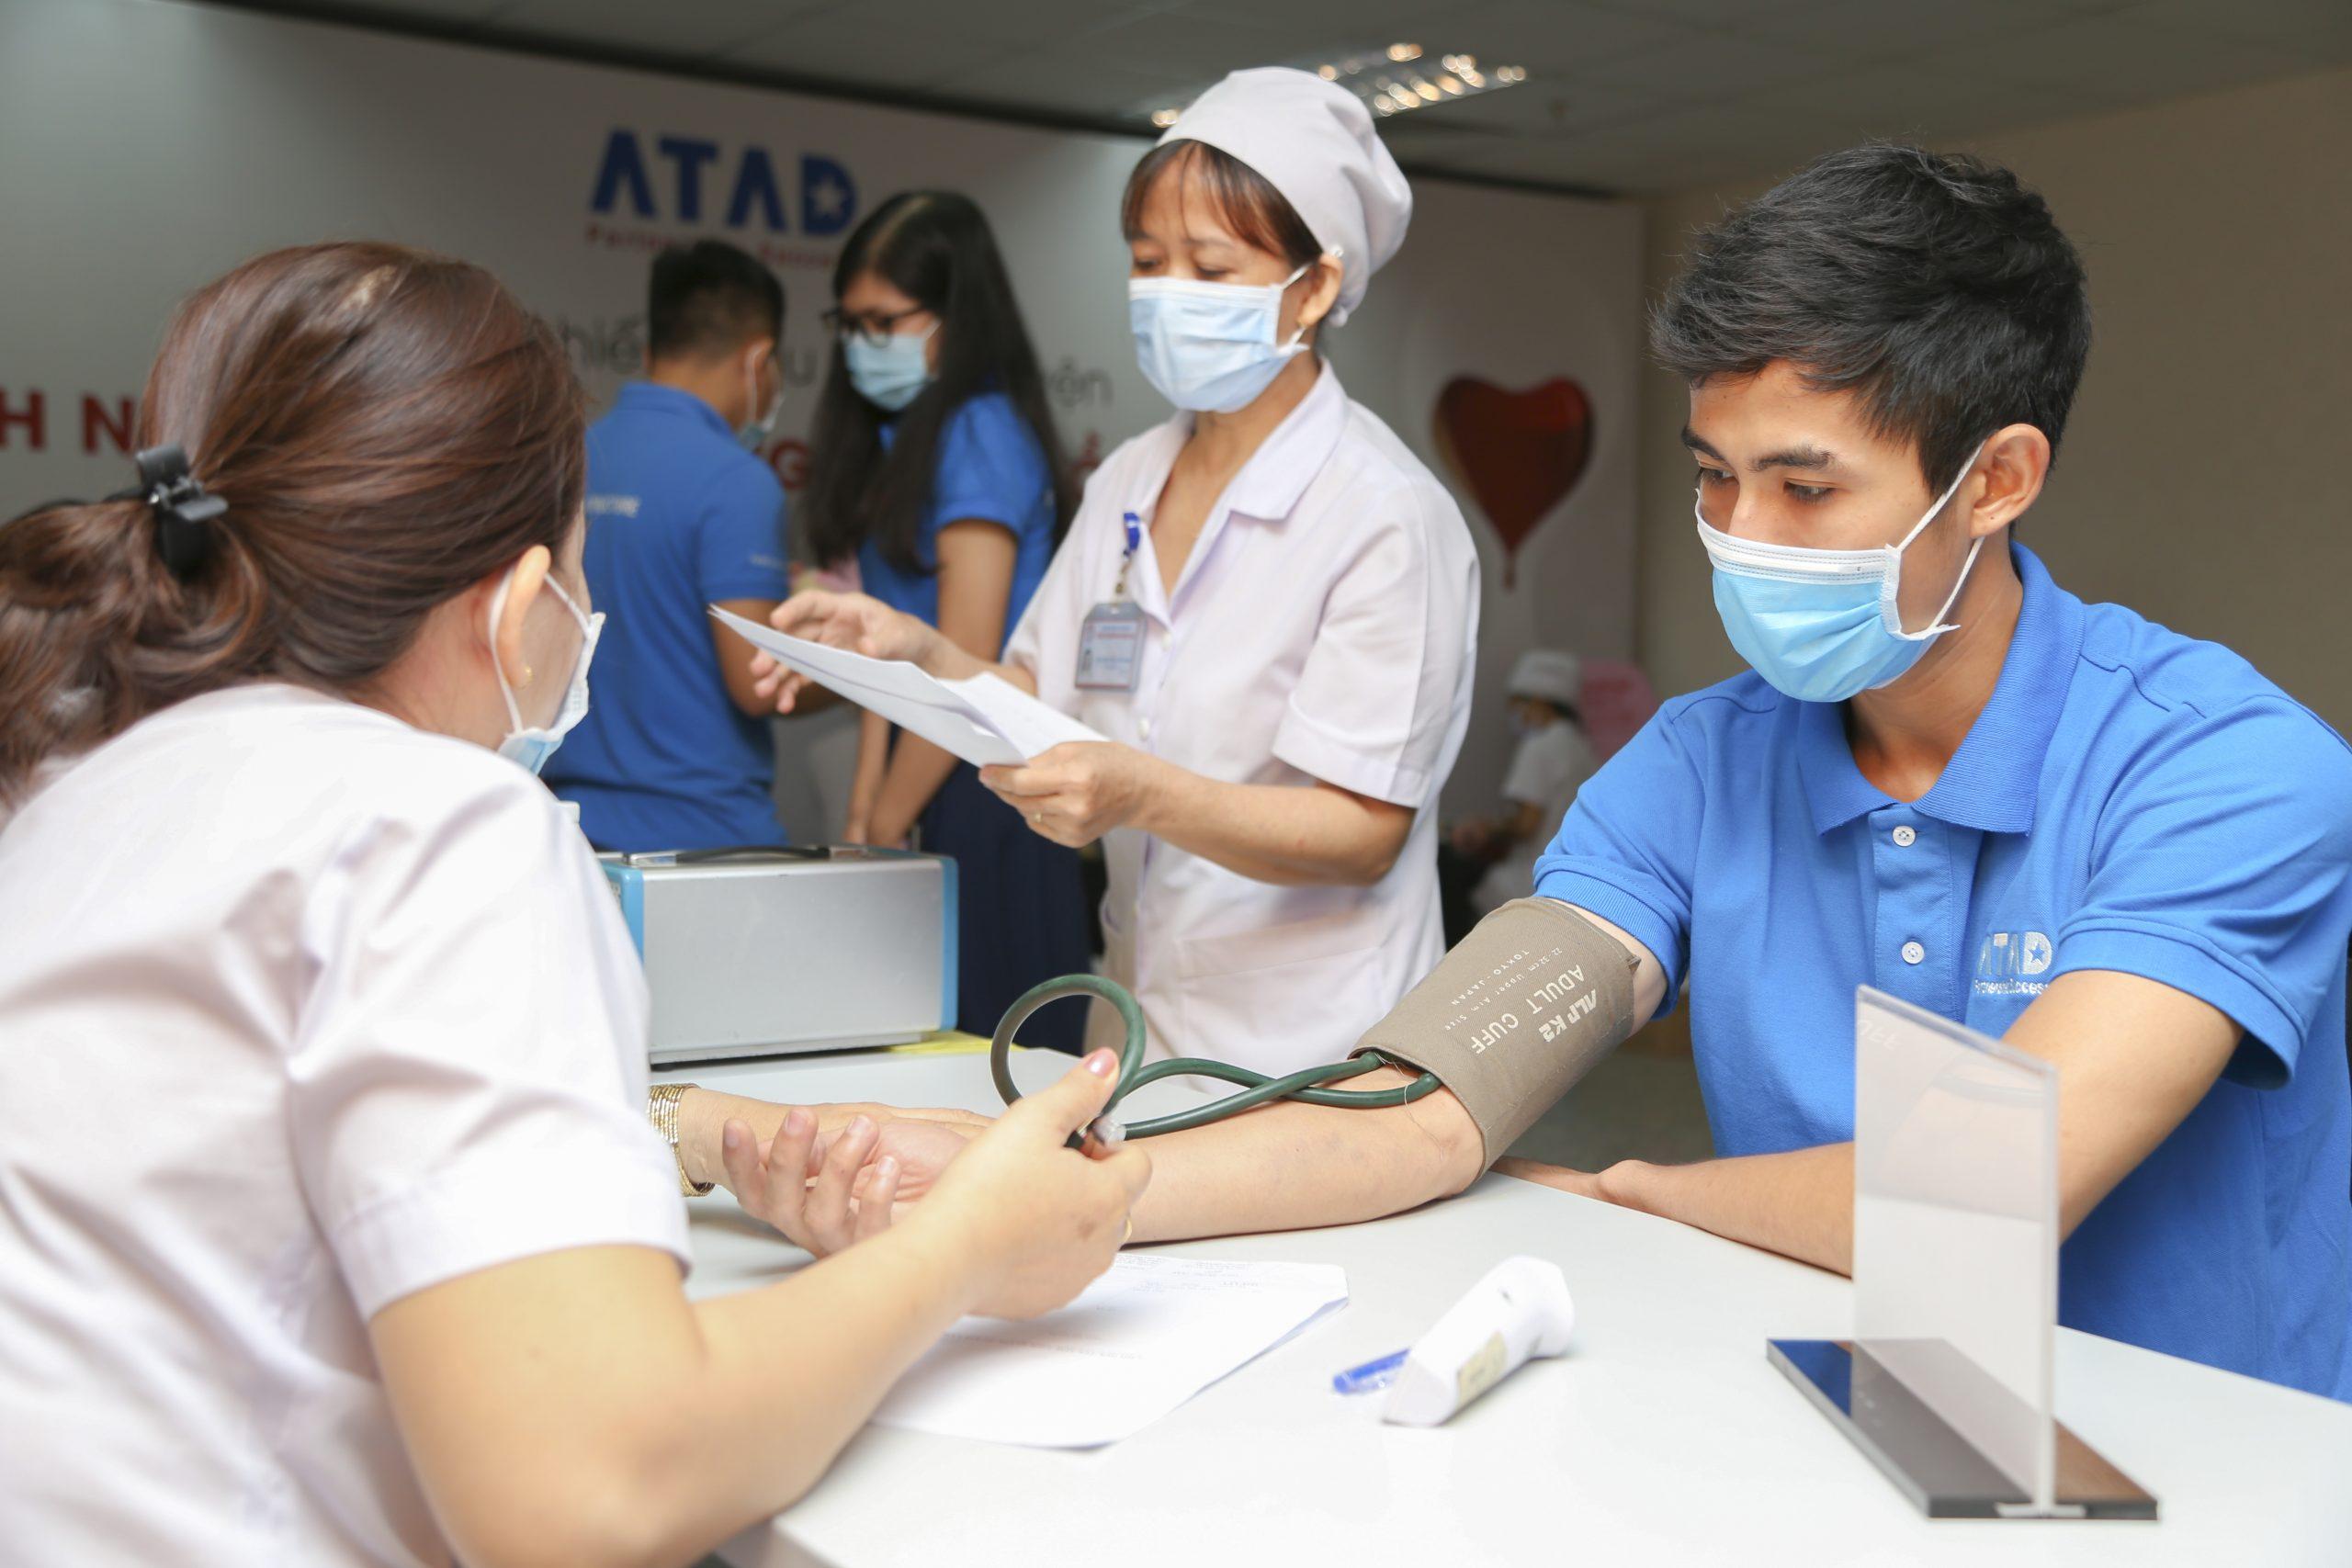 """ATAD举办""""社区责任-红血分享""""的献血日"""